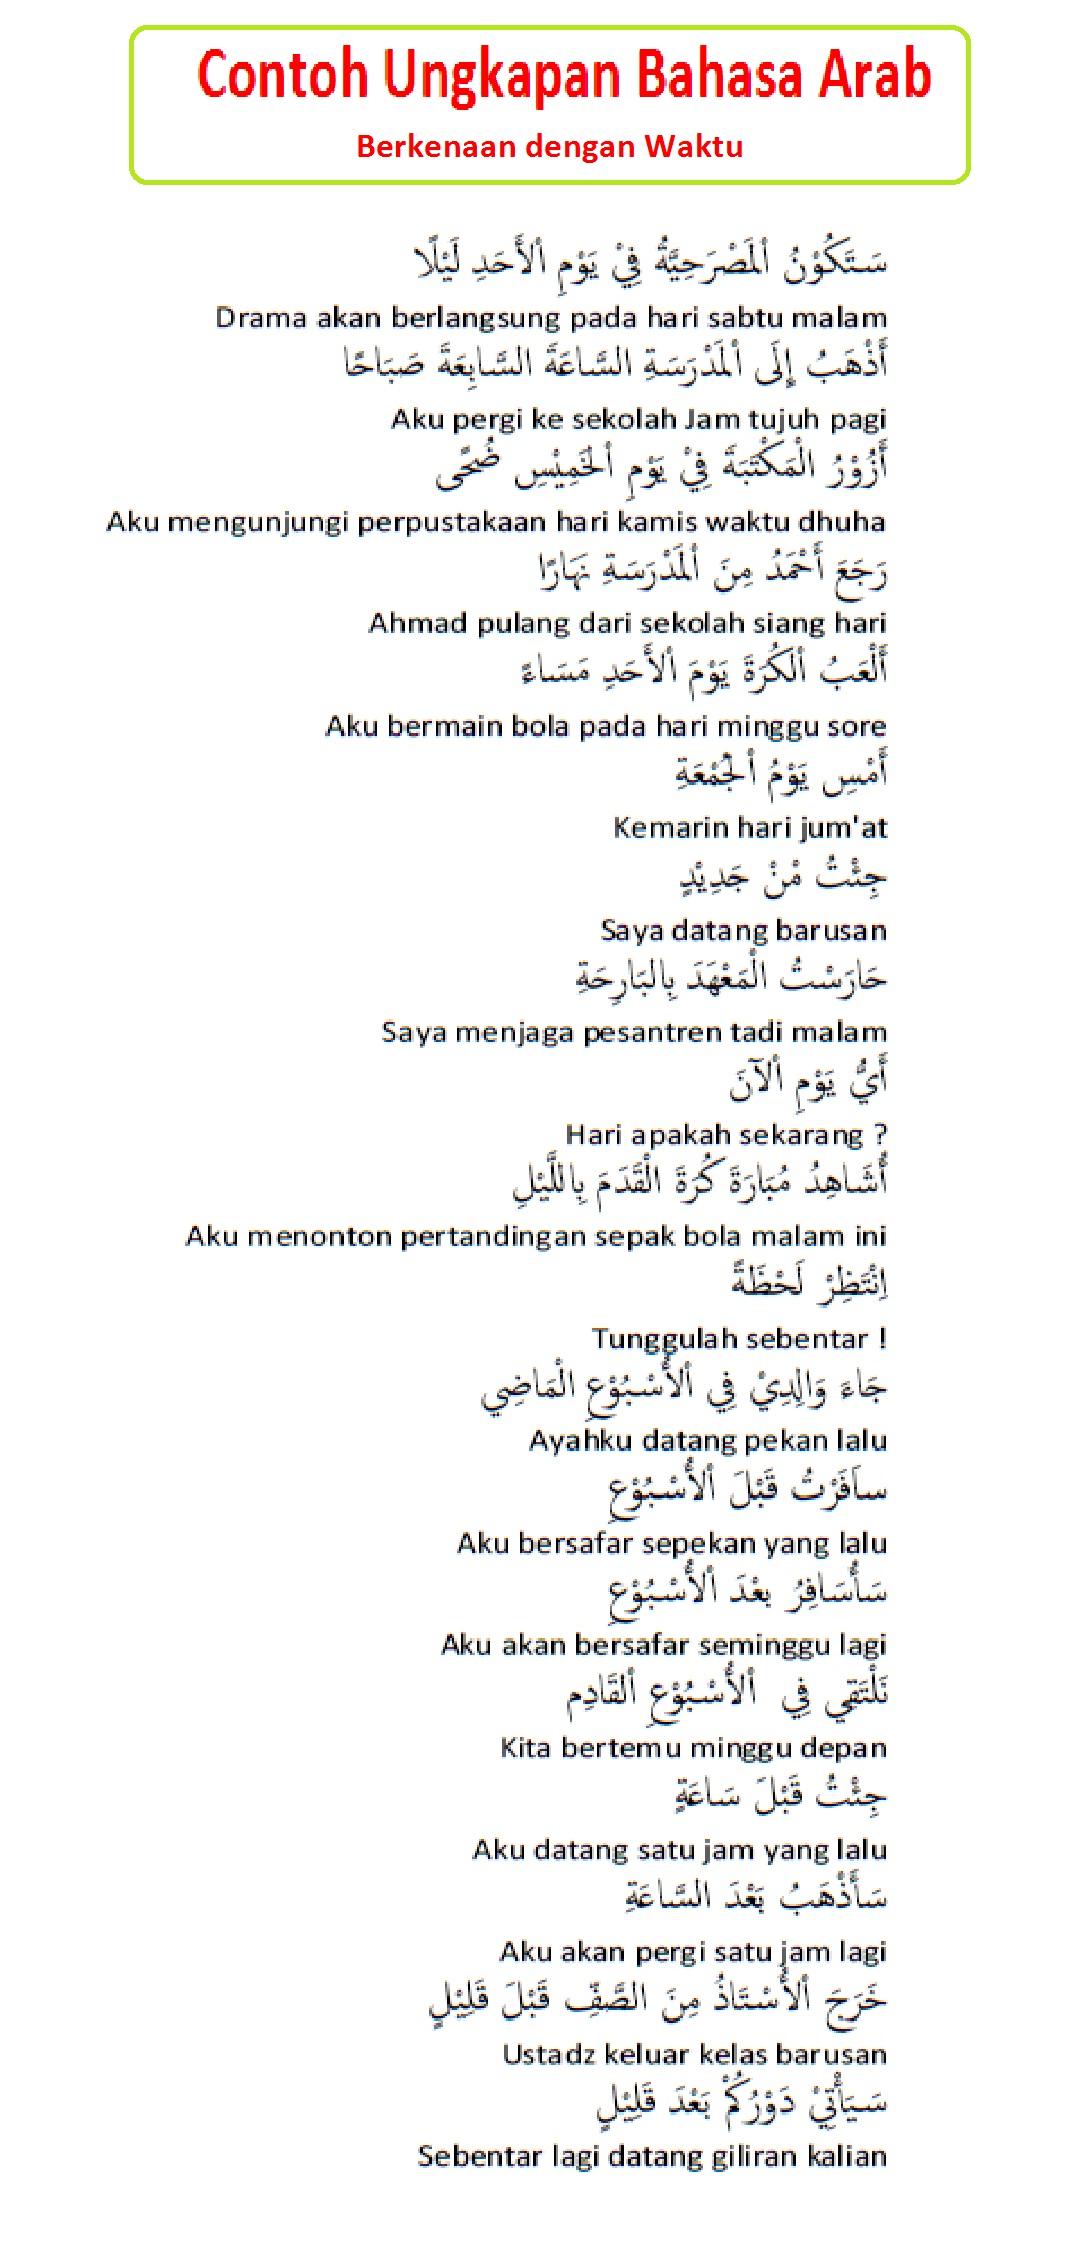 [Koleksi Terbaik] Mewarnai Bahasa Arab